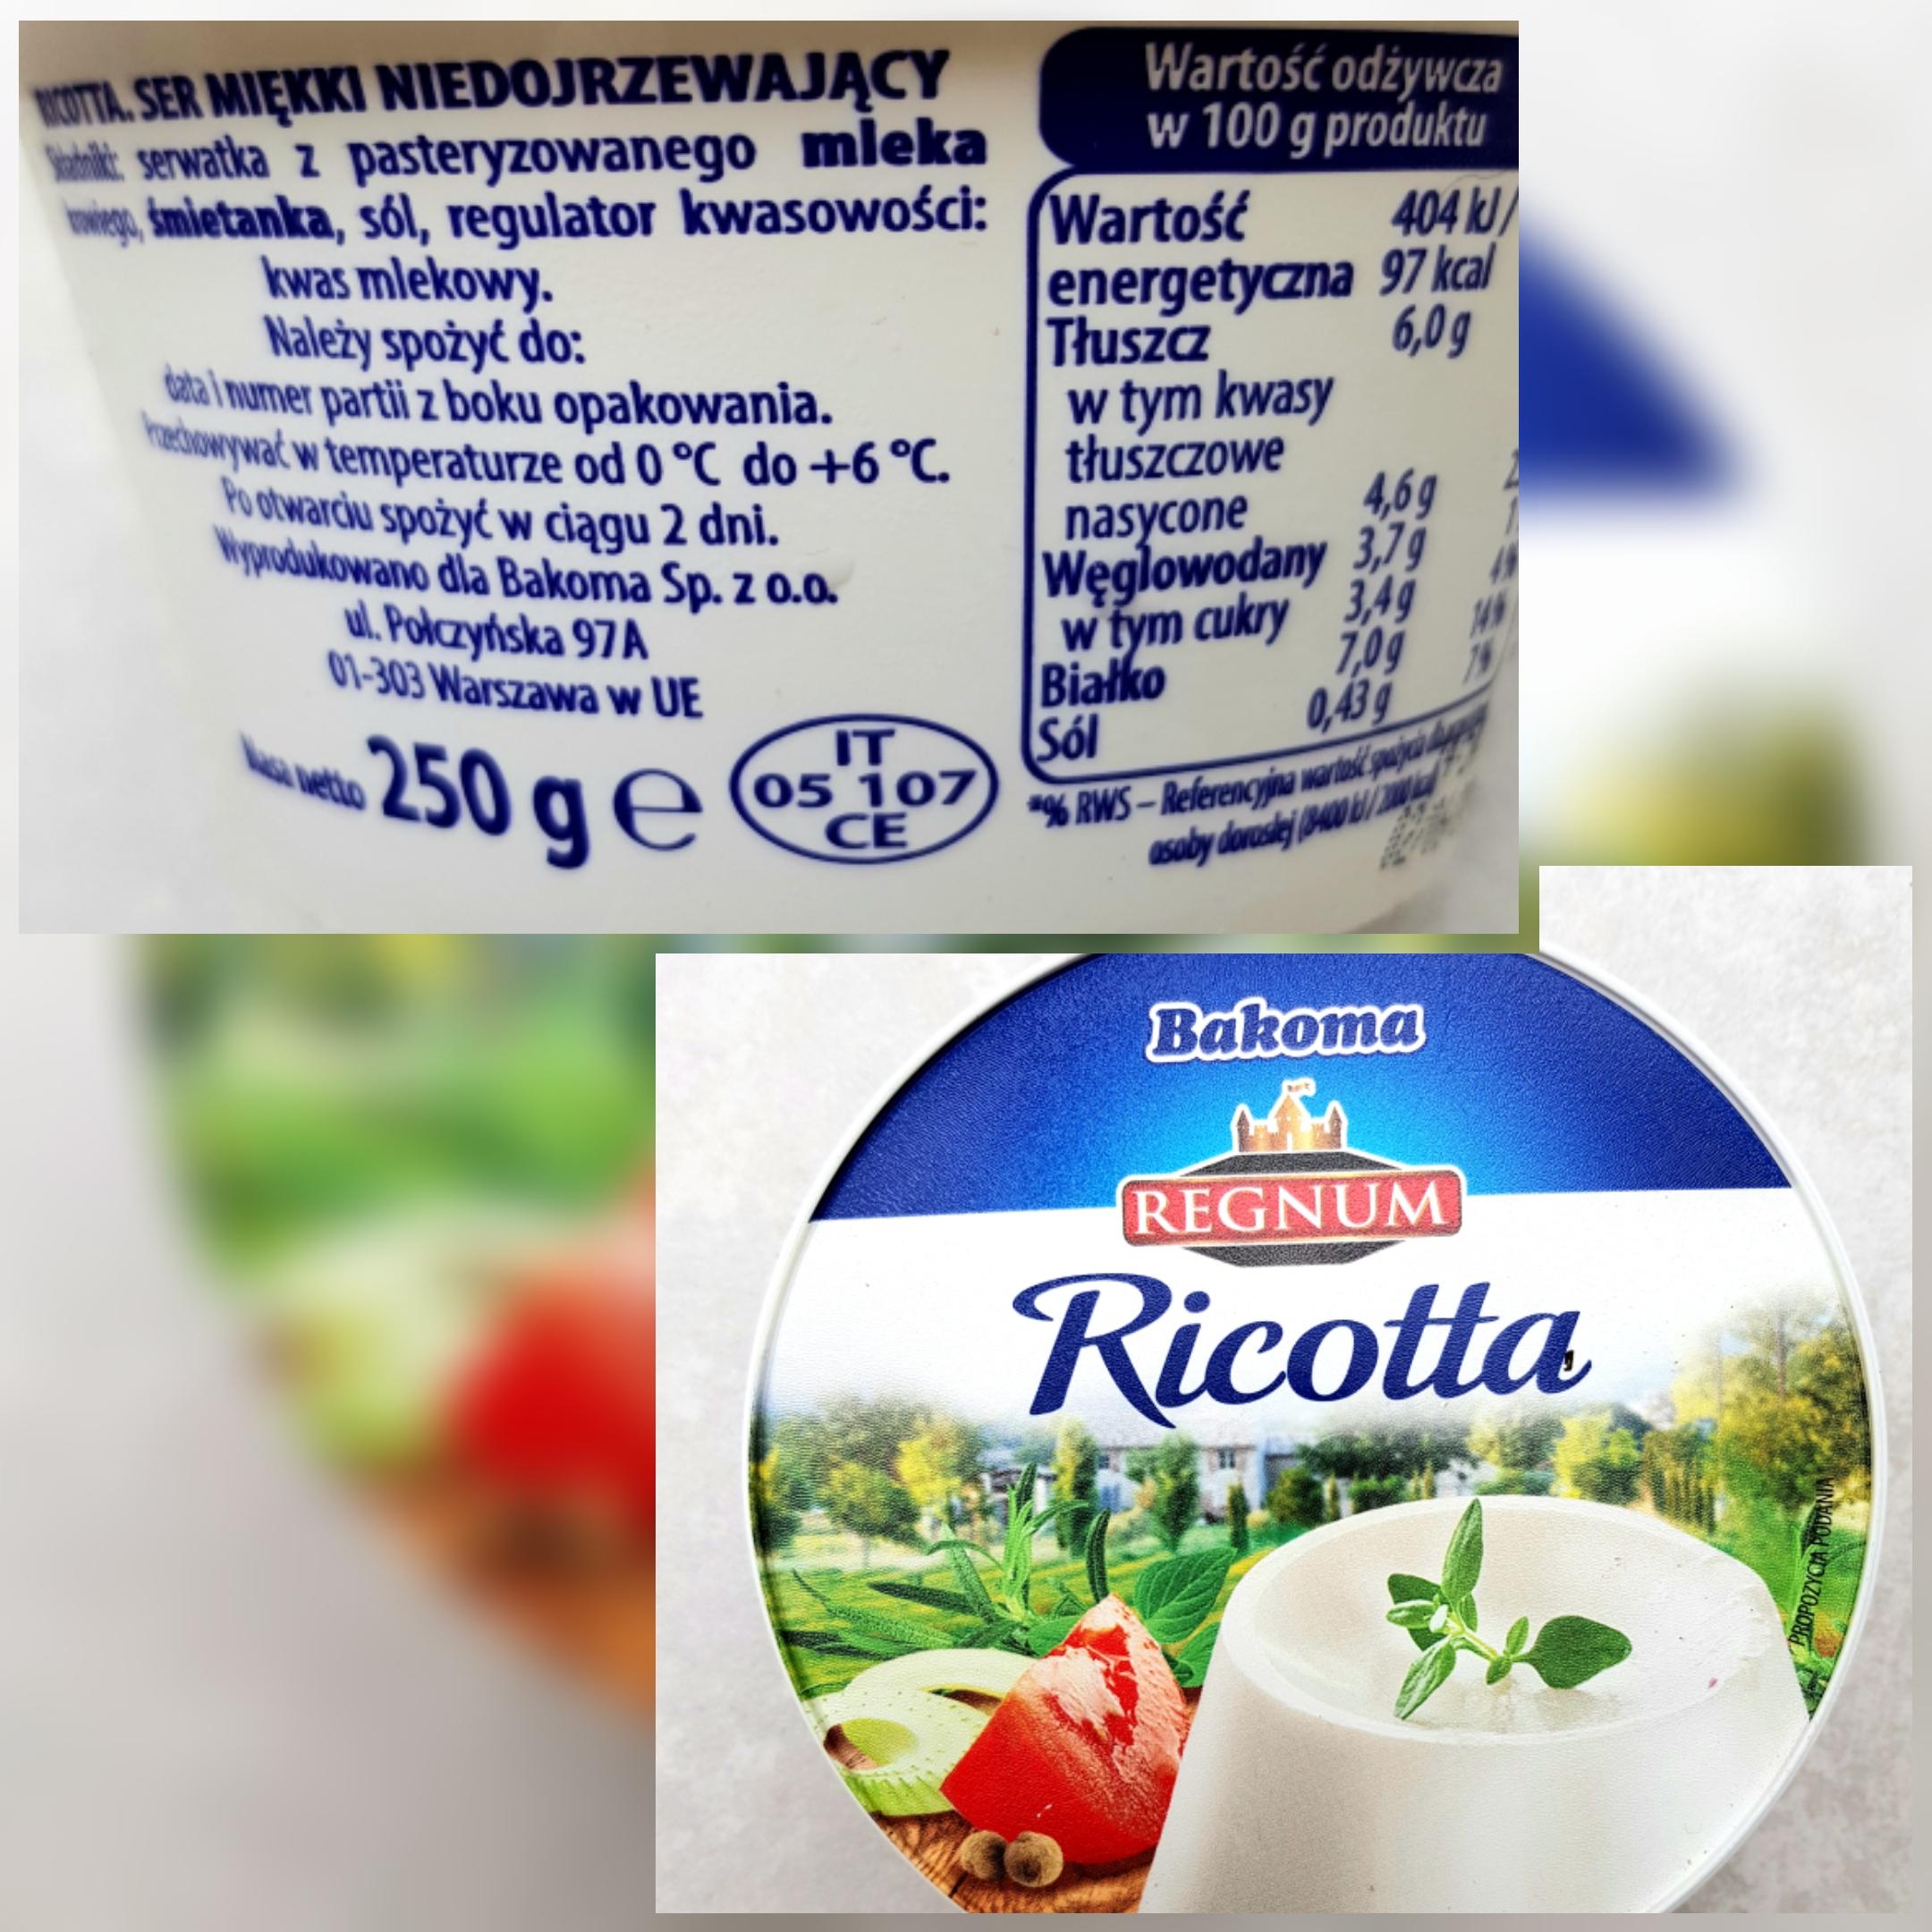 Bakoma Regnum Ricotta - wartości odżywcze i skład.